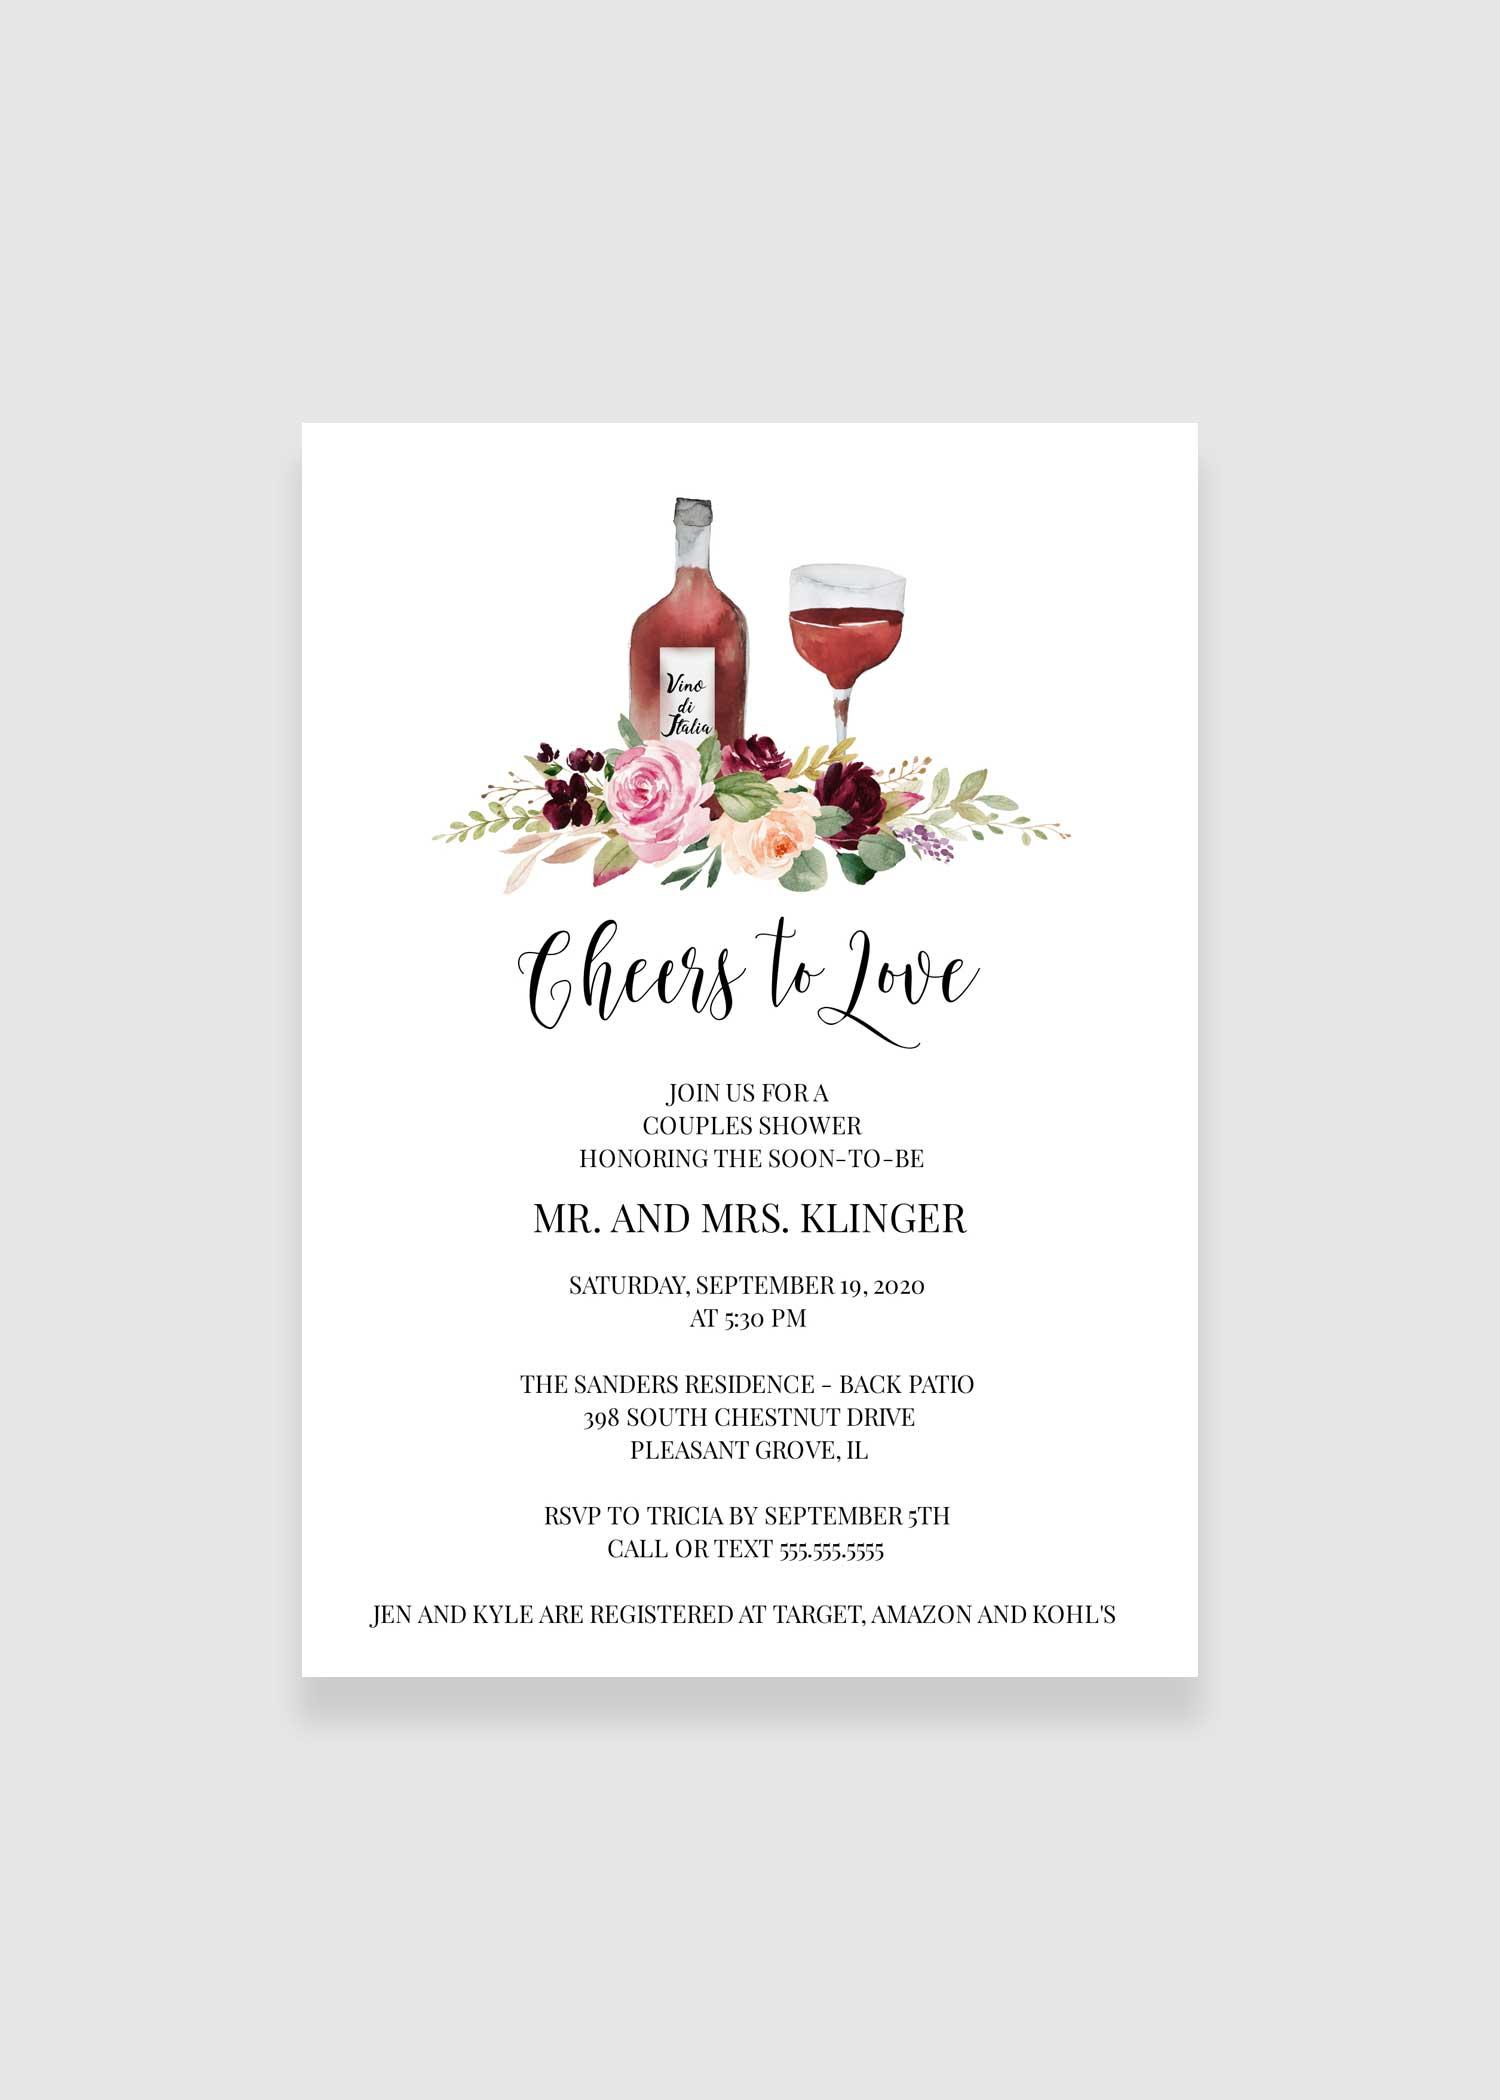 saffron cheers to love bridal shower invitation